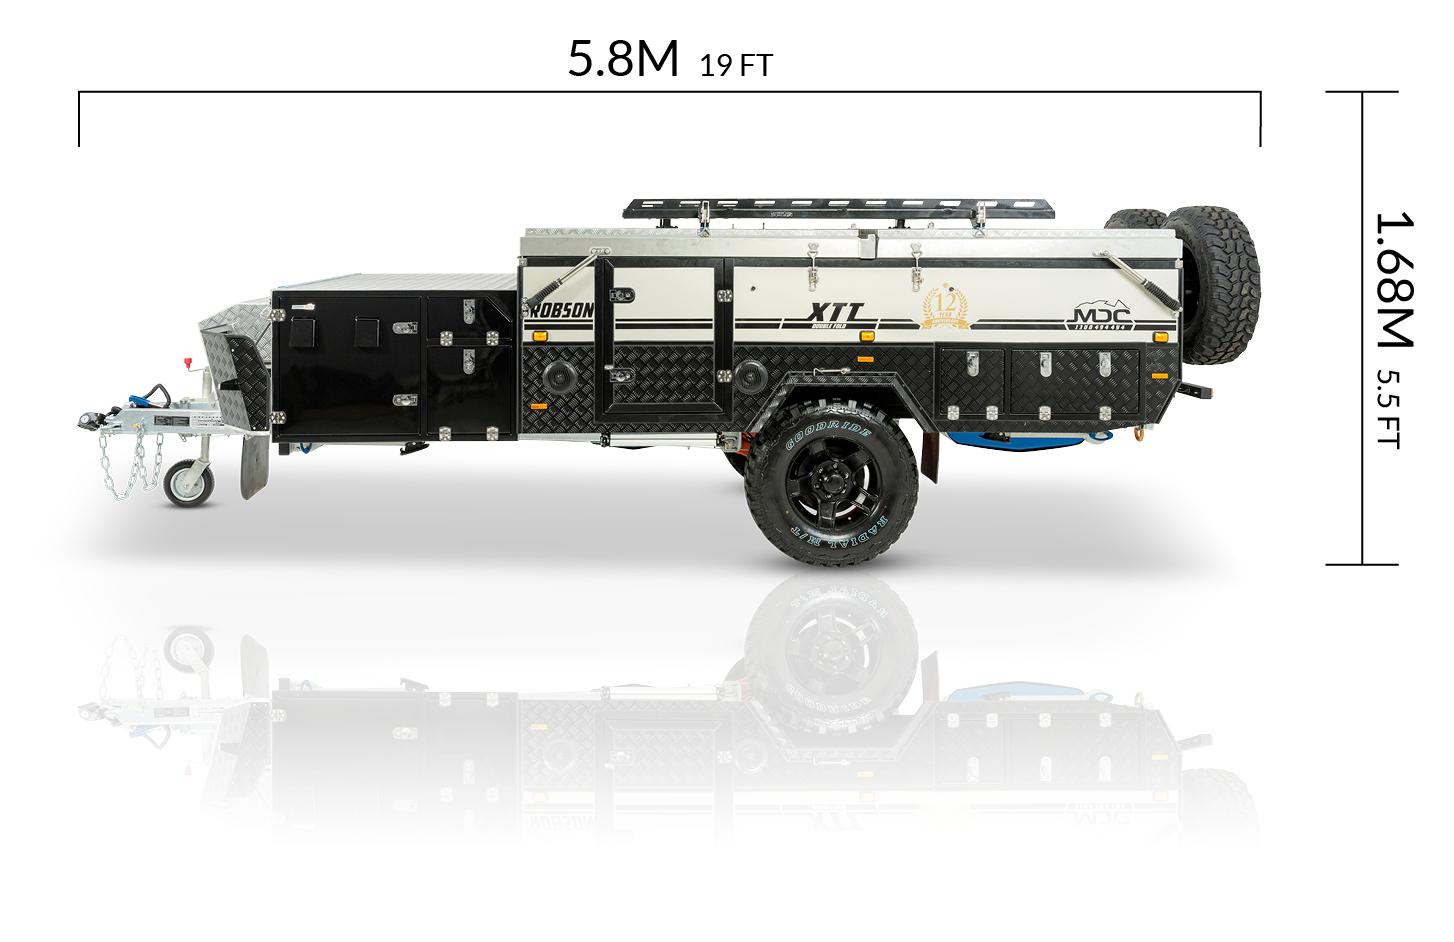 MDC AU Robson XTT offroad camper trailer dimensions